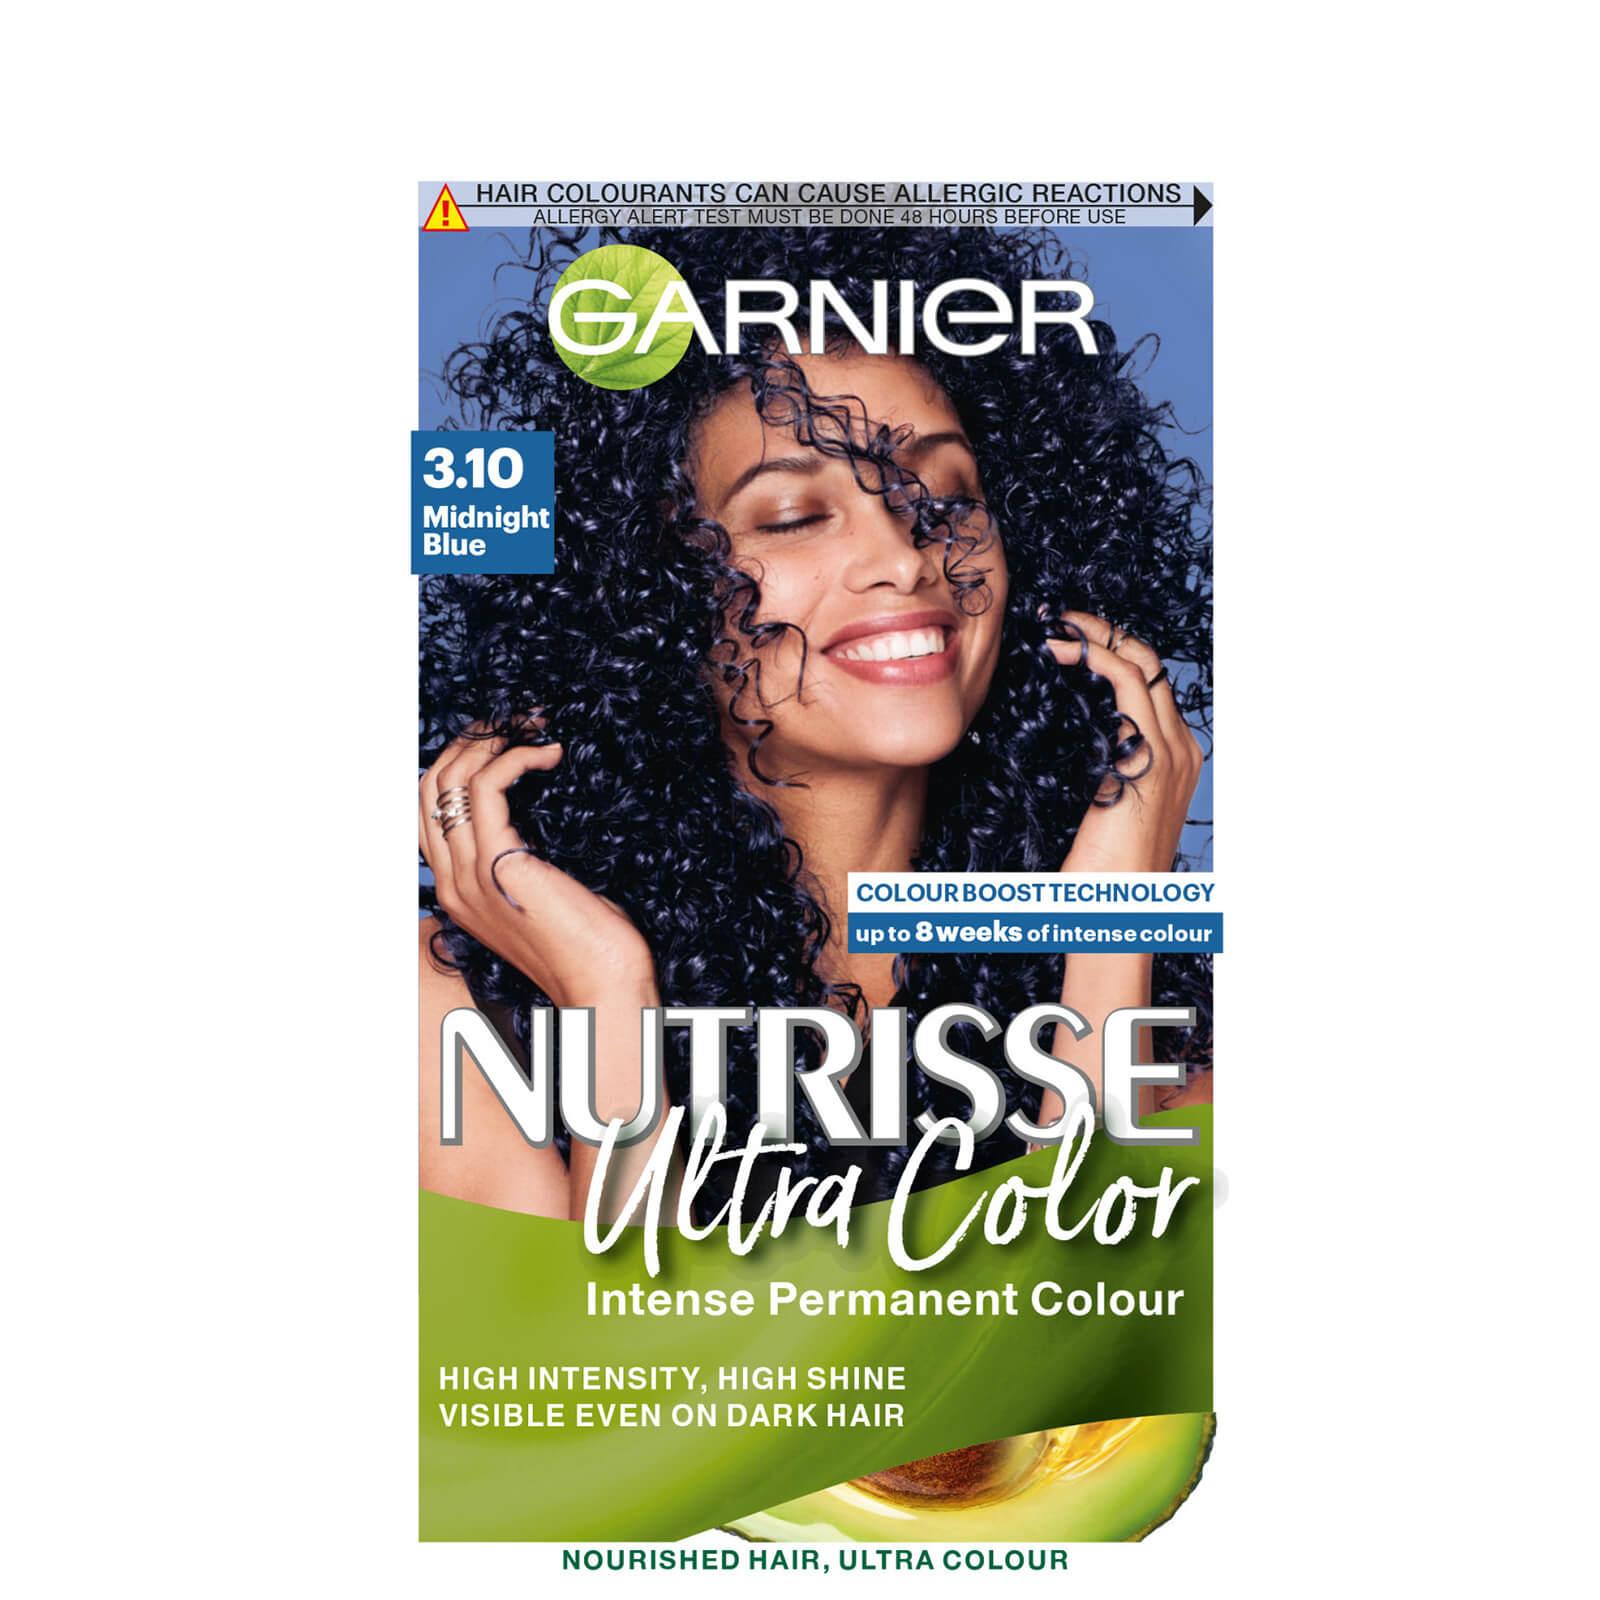 garnier nutrisse ultra colour permanent hair dye 160ml (various shades) - midnight blue